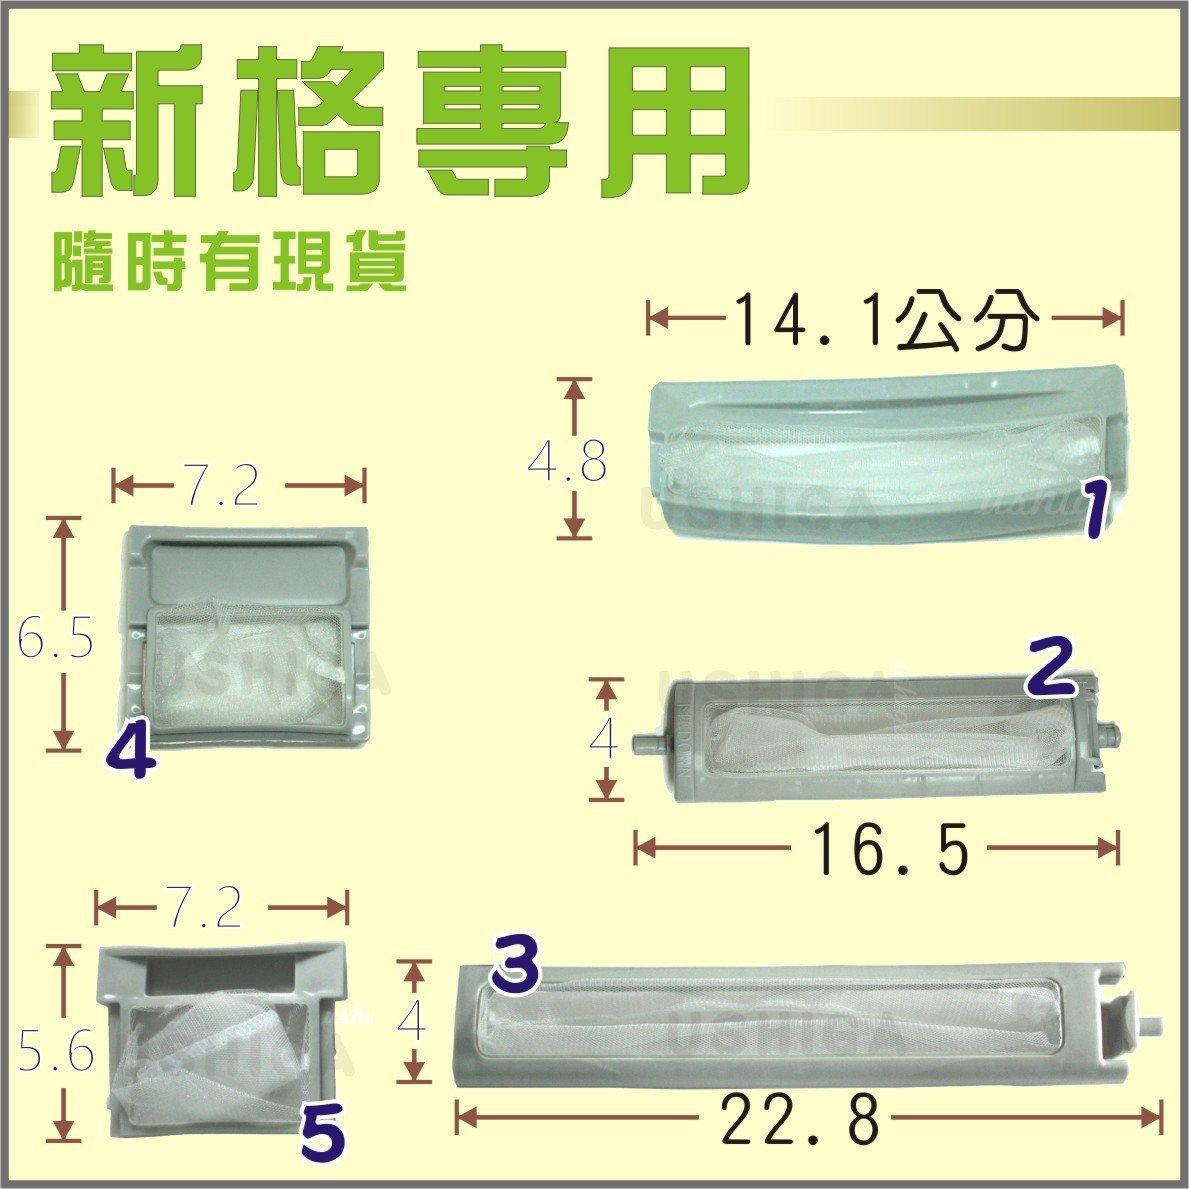 [現貨供應] 新格洗衣機濾網 新格洗衣機棉絮網 SNW-1235G-1239B-1436G